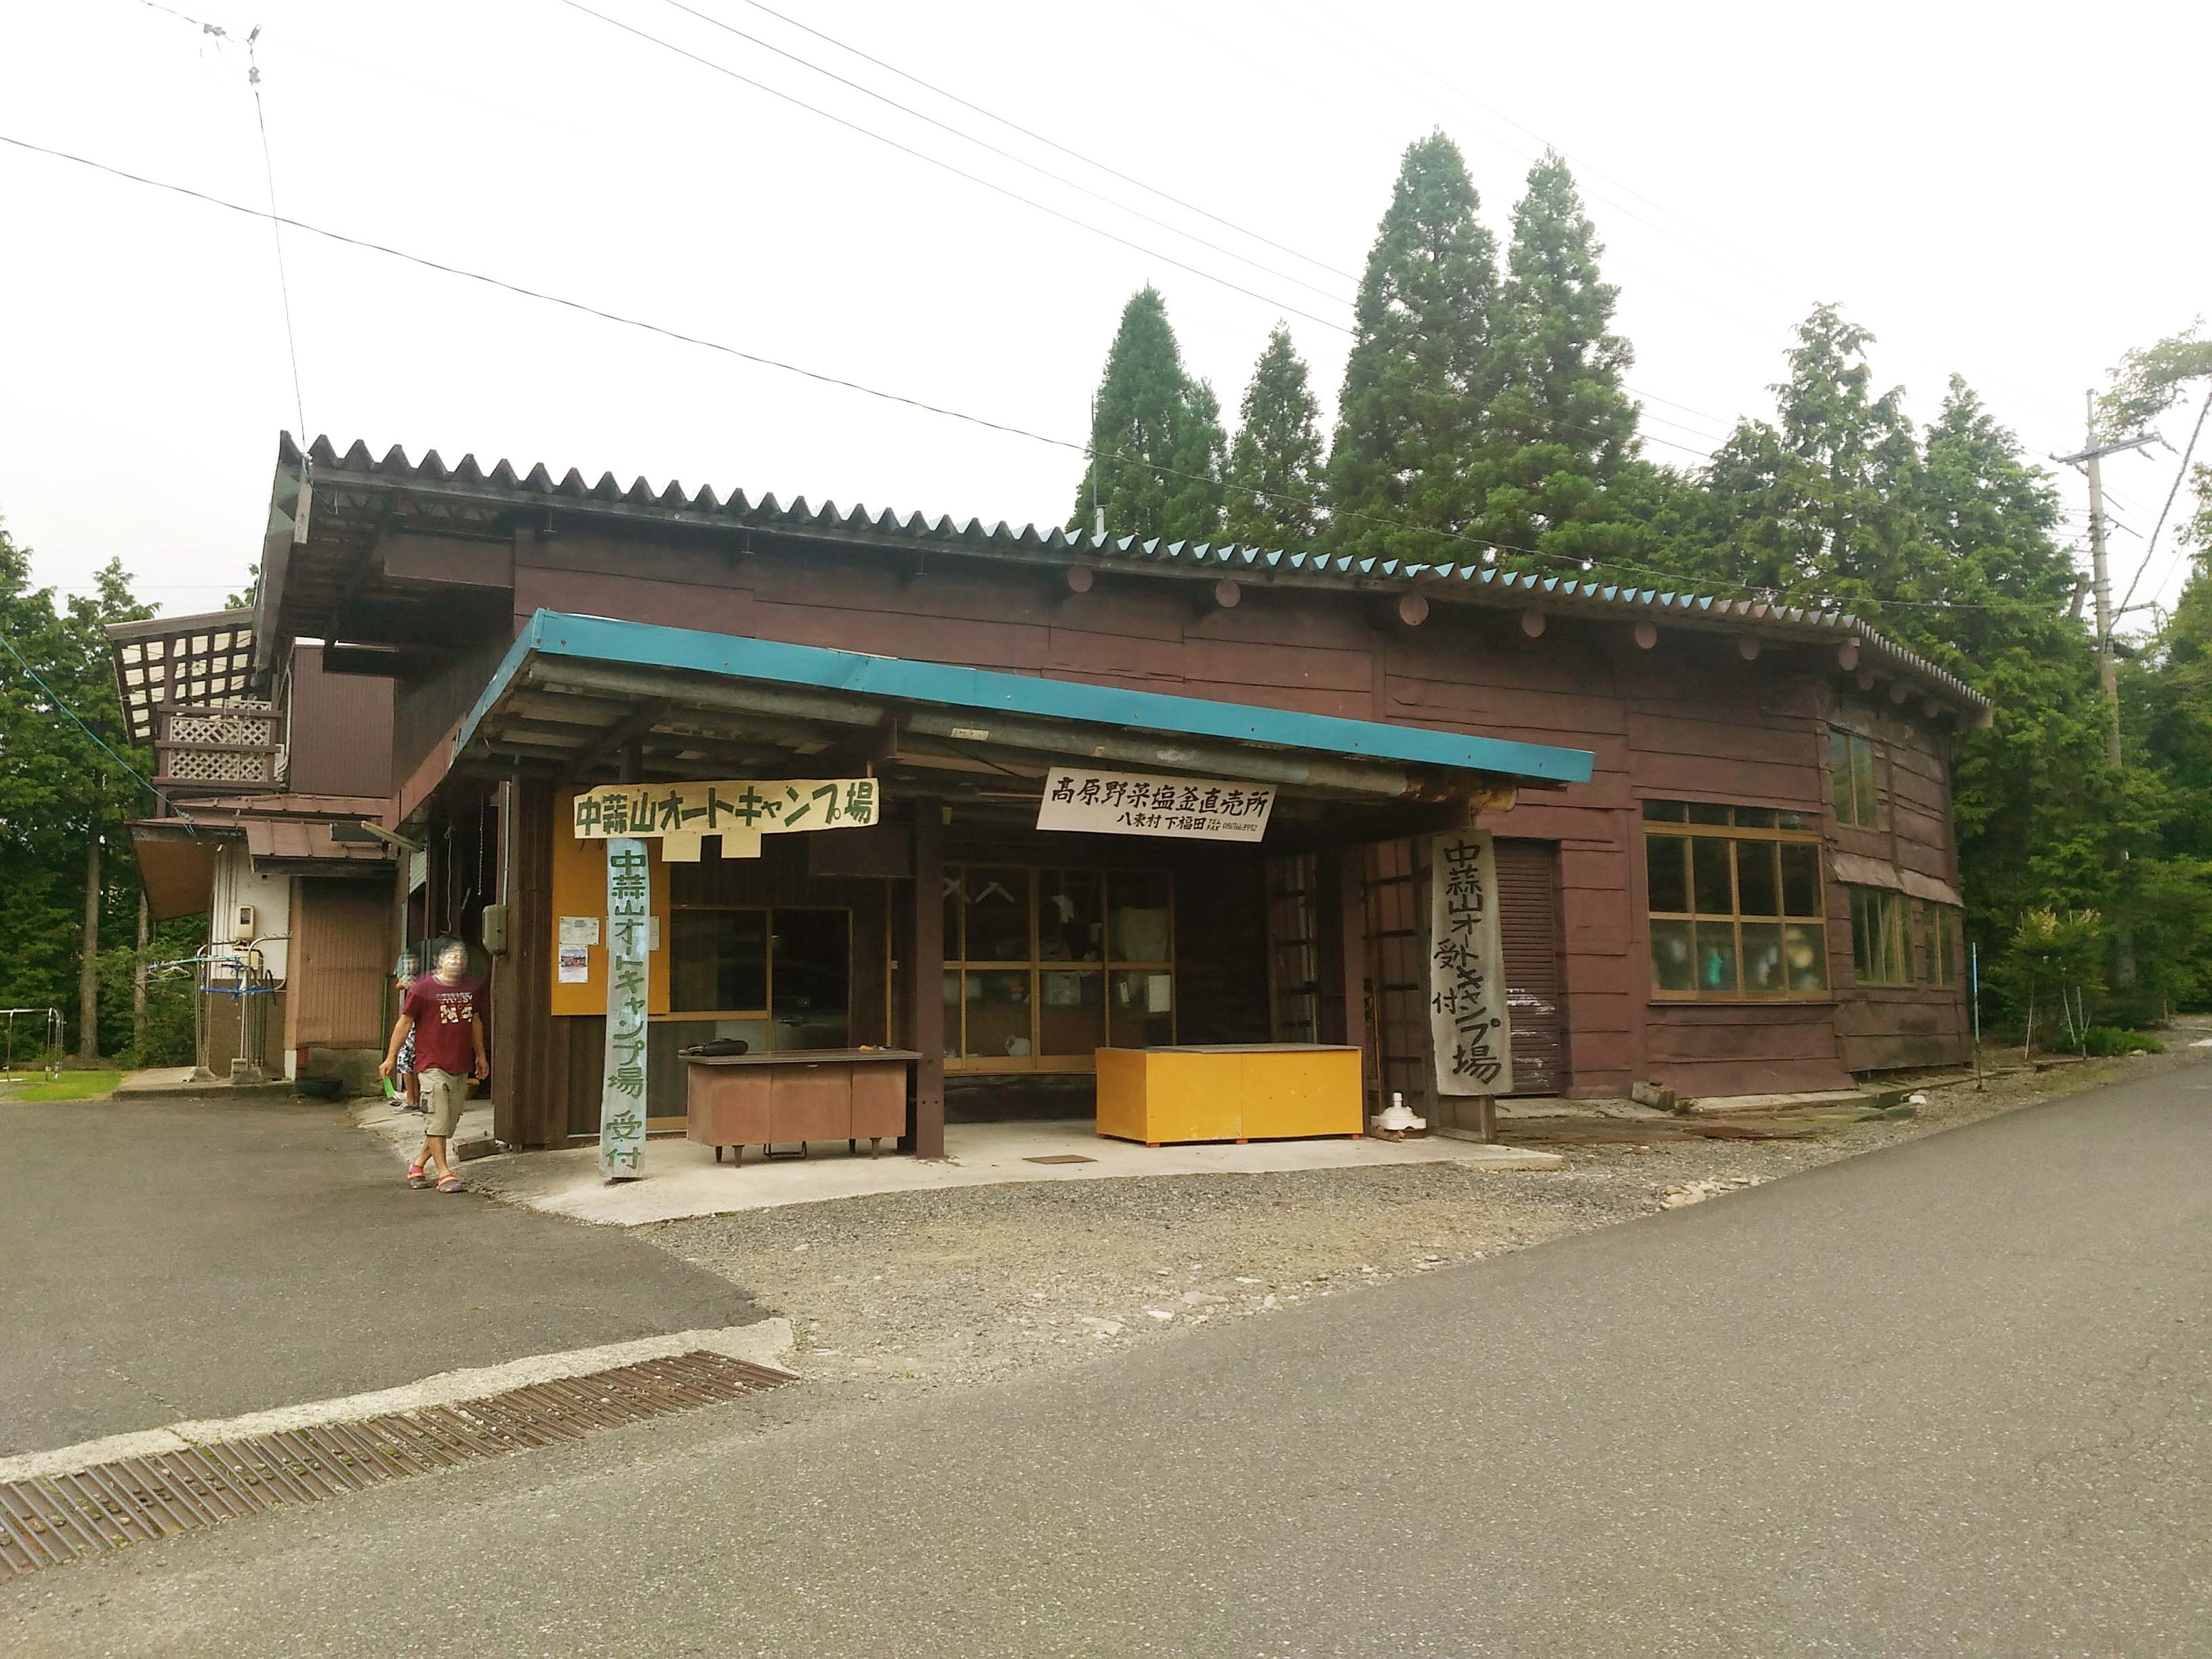 中蒜山オートキャンプ場 〜中蒜山その1〜